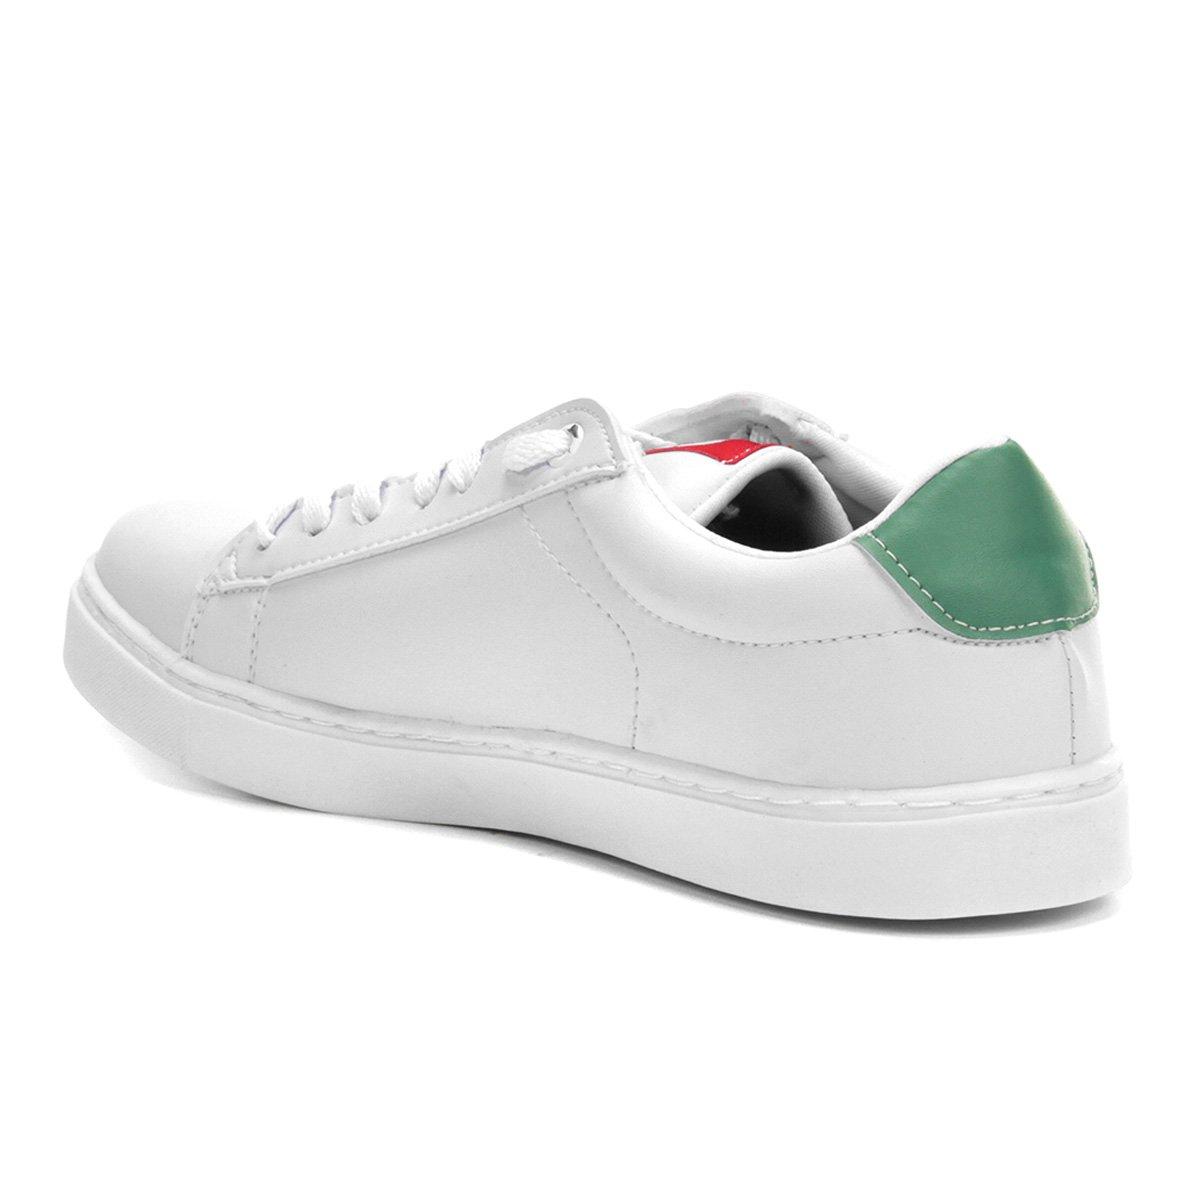 6083cf20b2 Tênis Ecko Court Masculino - Branco e Verde - Compre Agora